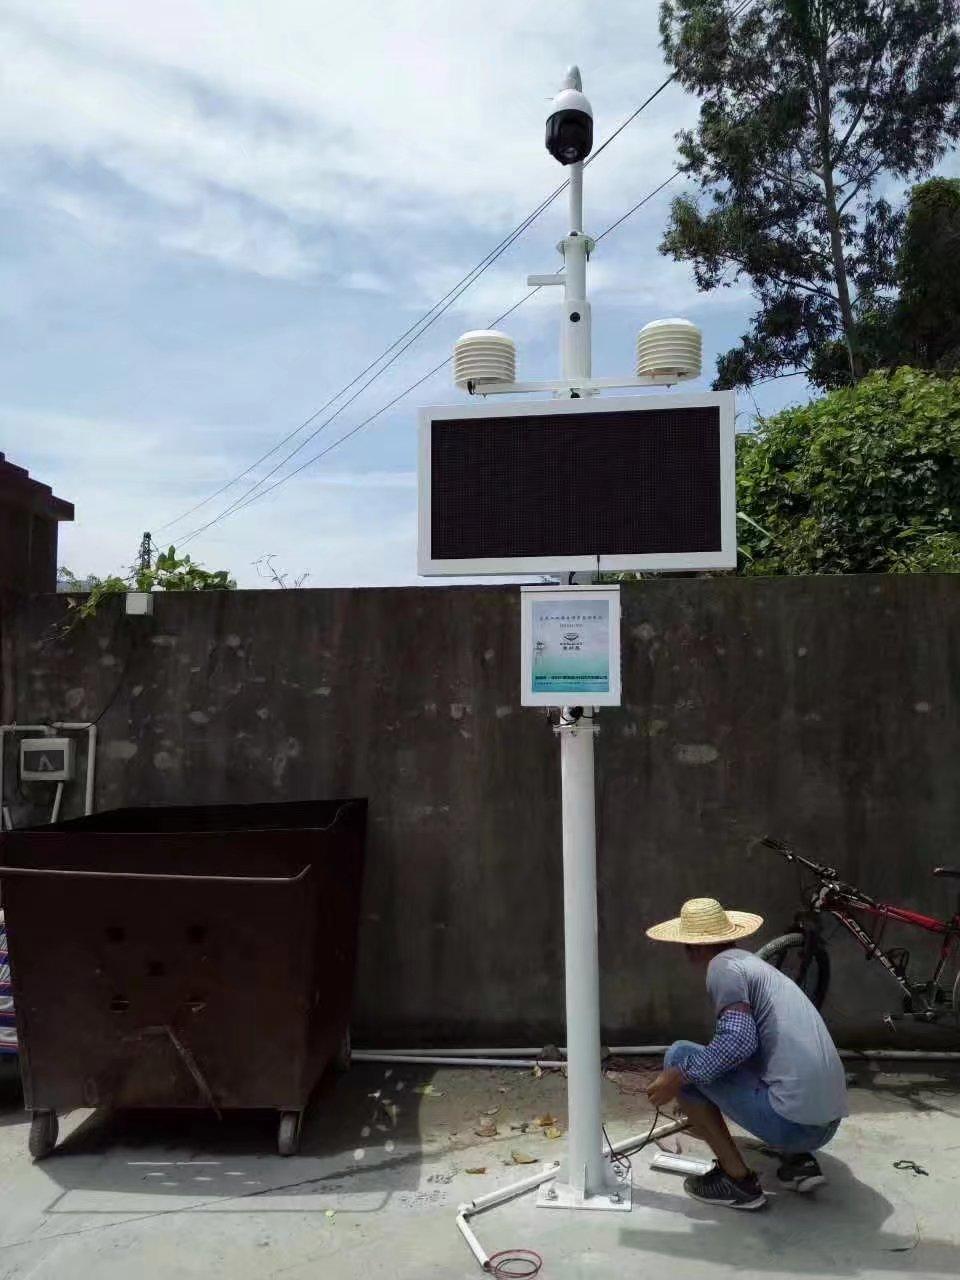 奥斯恩工地TSP检测设备 普通配置工地扬尘监测系统